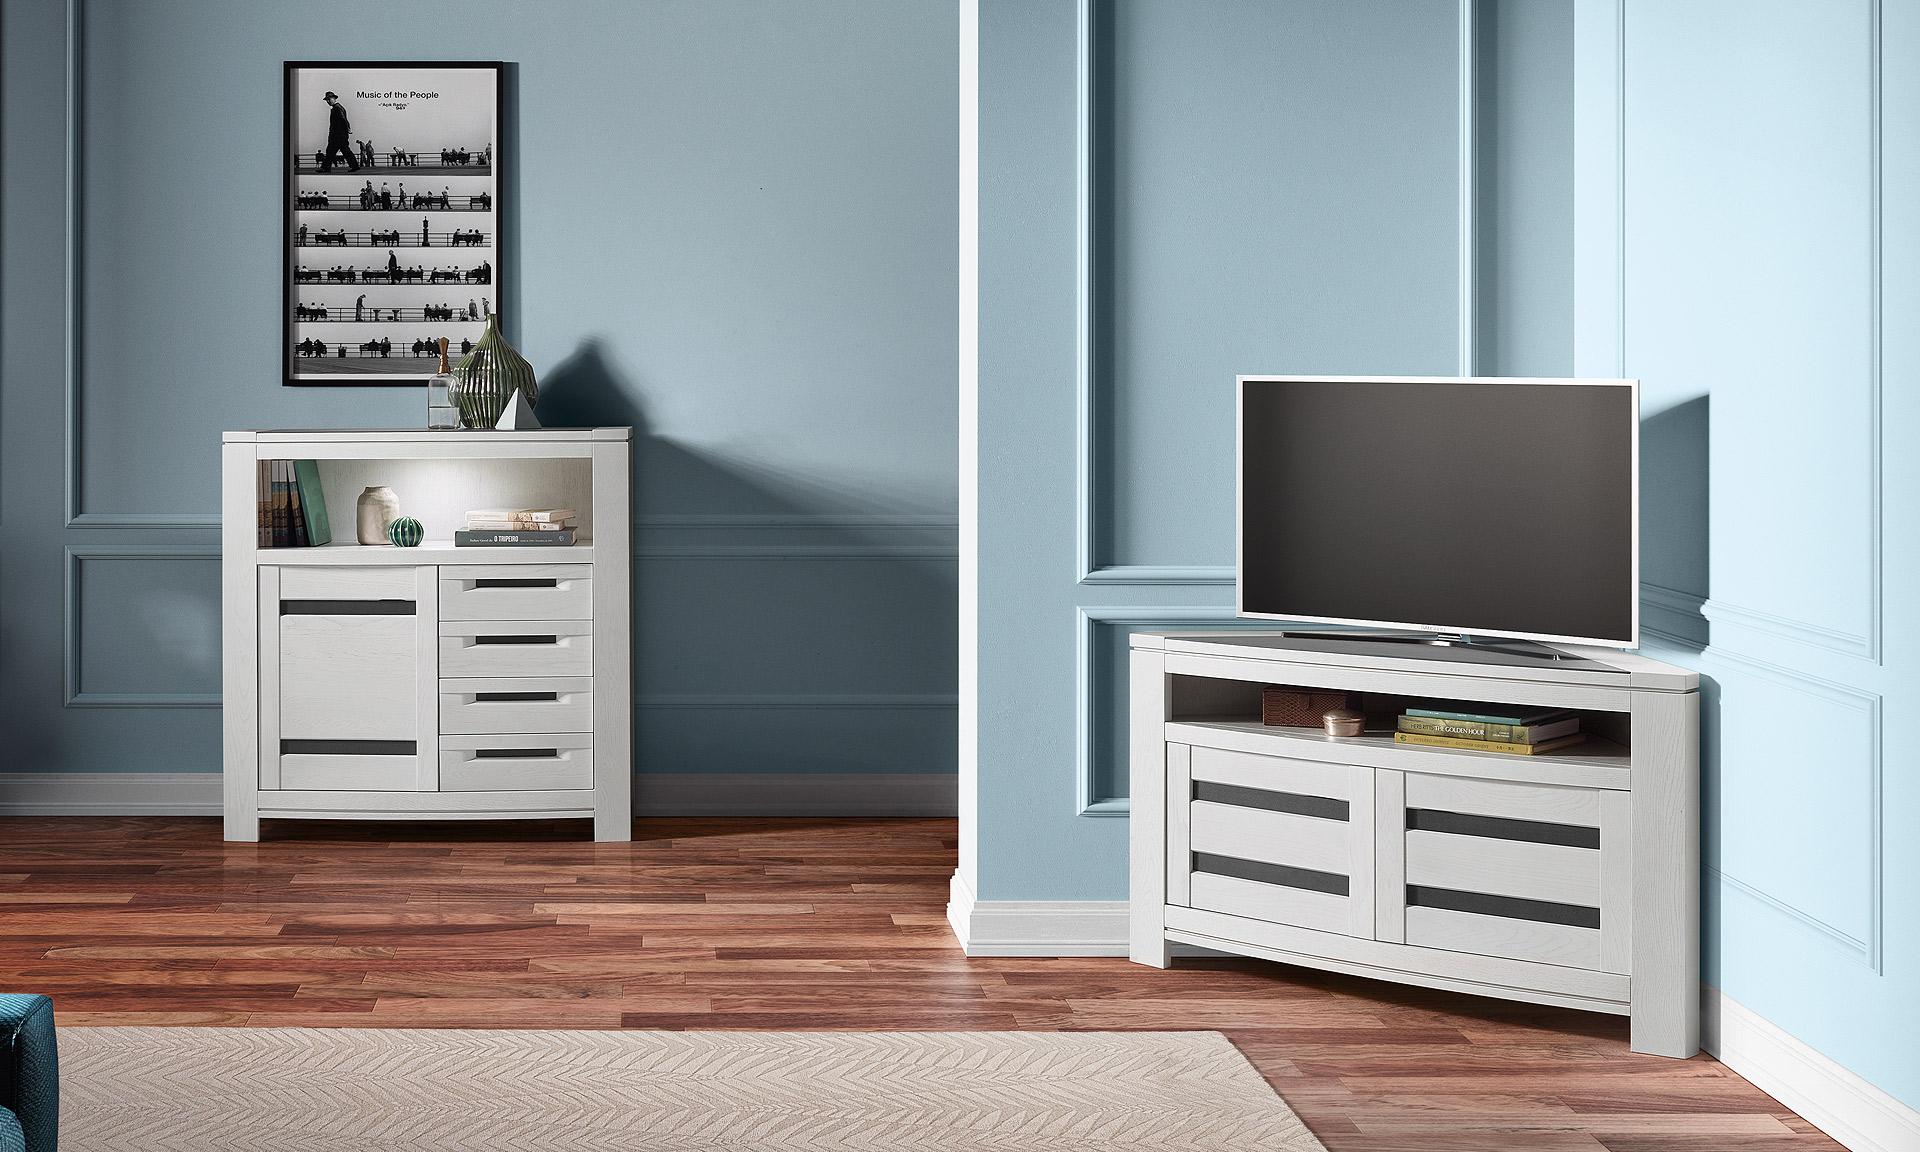 meuble sejour seni meubles caulier hazebrouck dans le nord. Black Bedroom Furniture Sets. Home Design Ideas